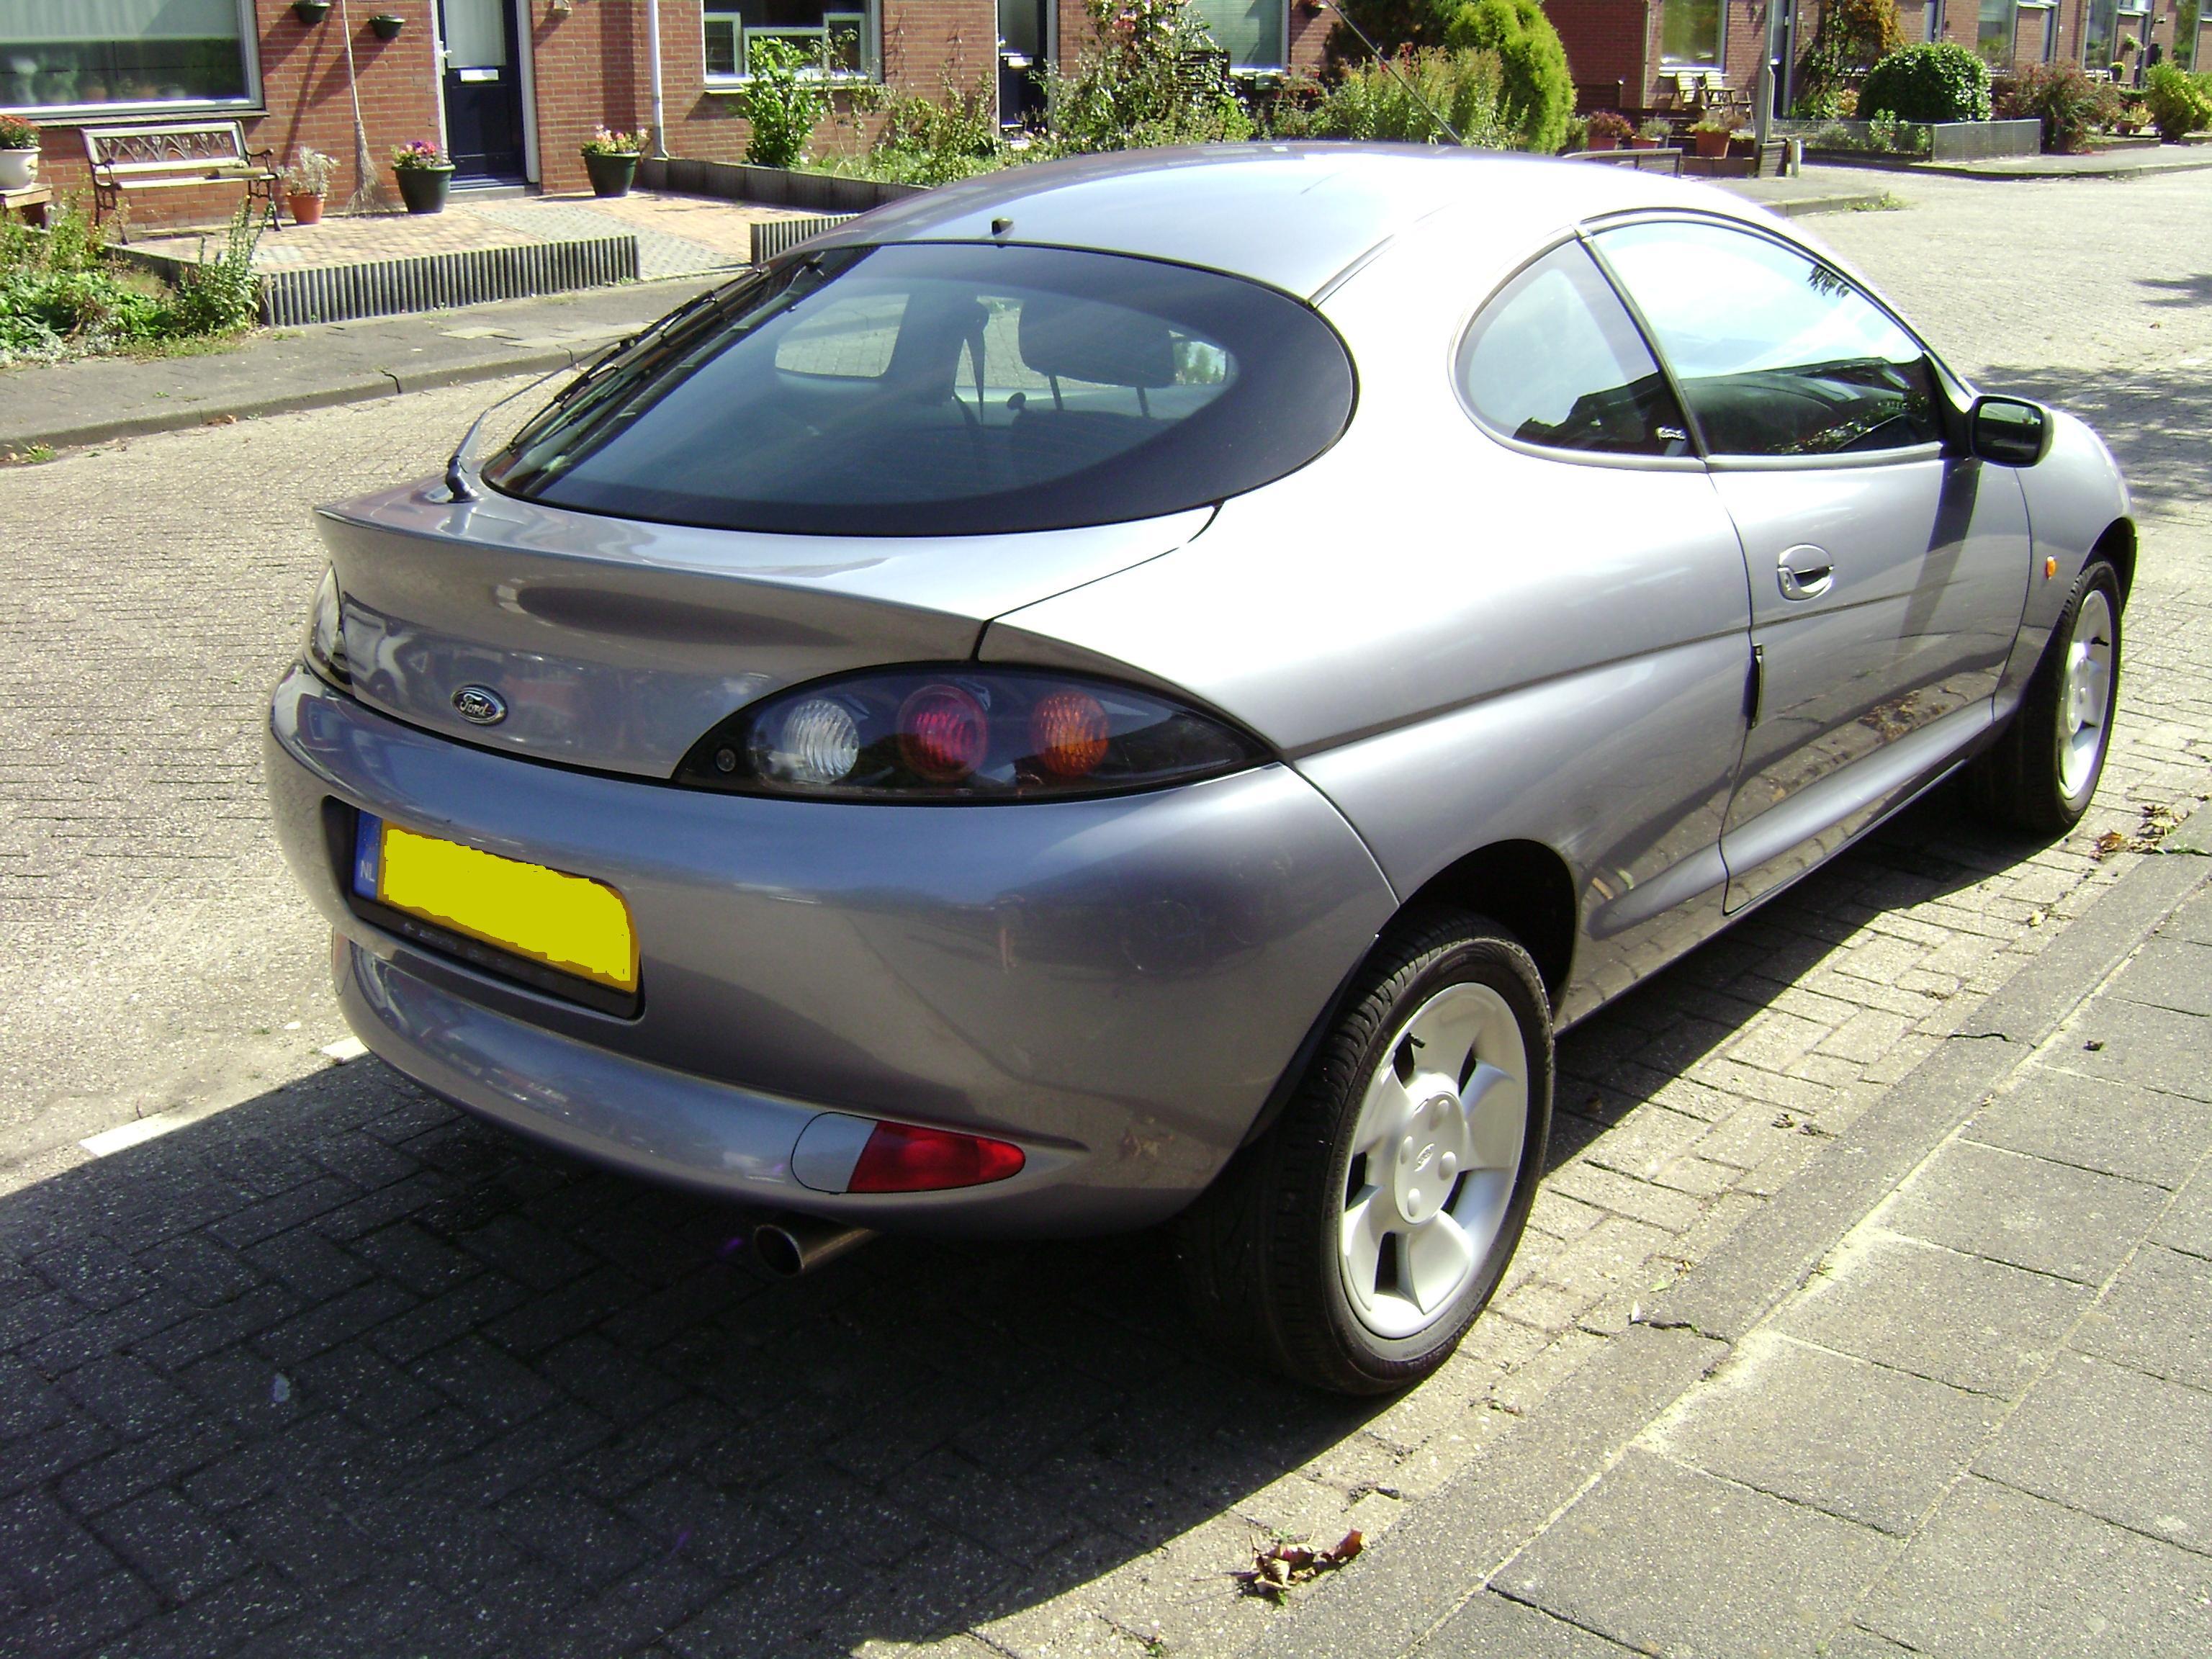 Ford Puma – Wikipedia